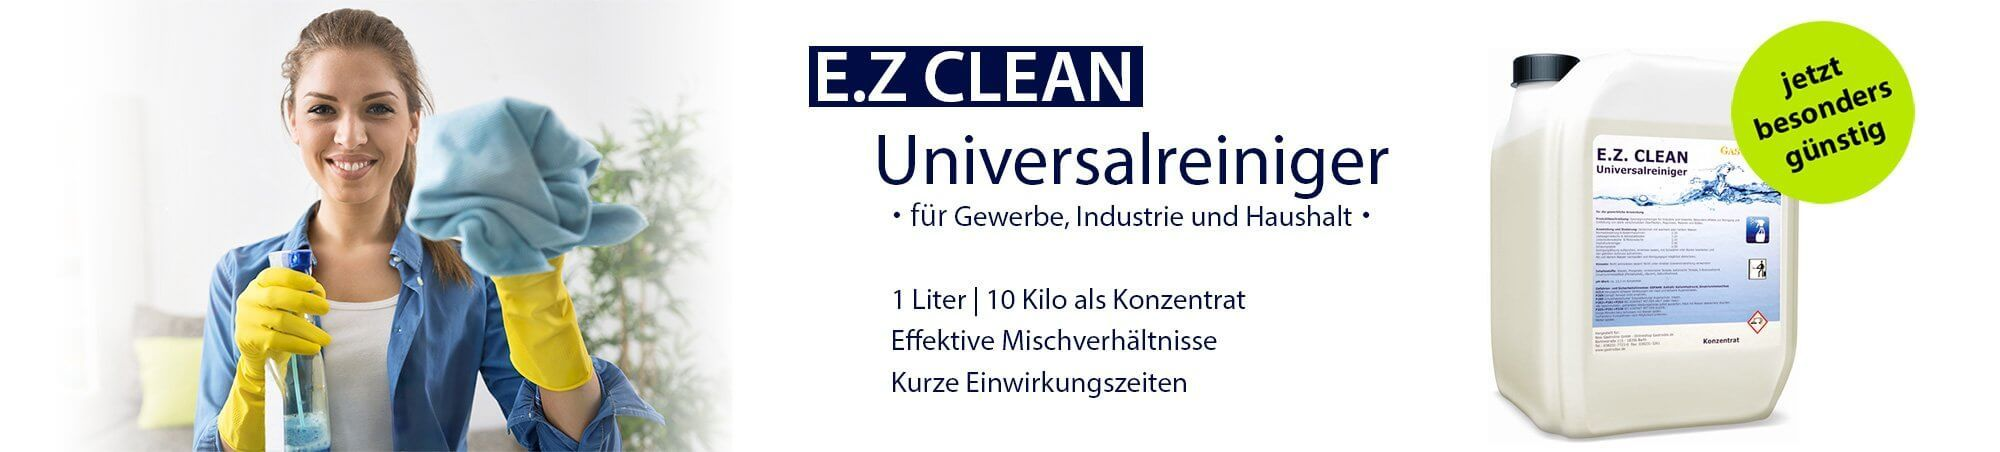 E.Z. Clean Universalreiniger im Angebot